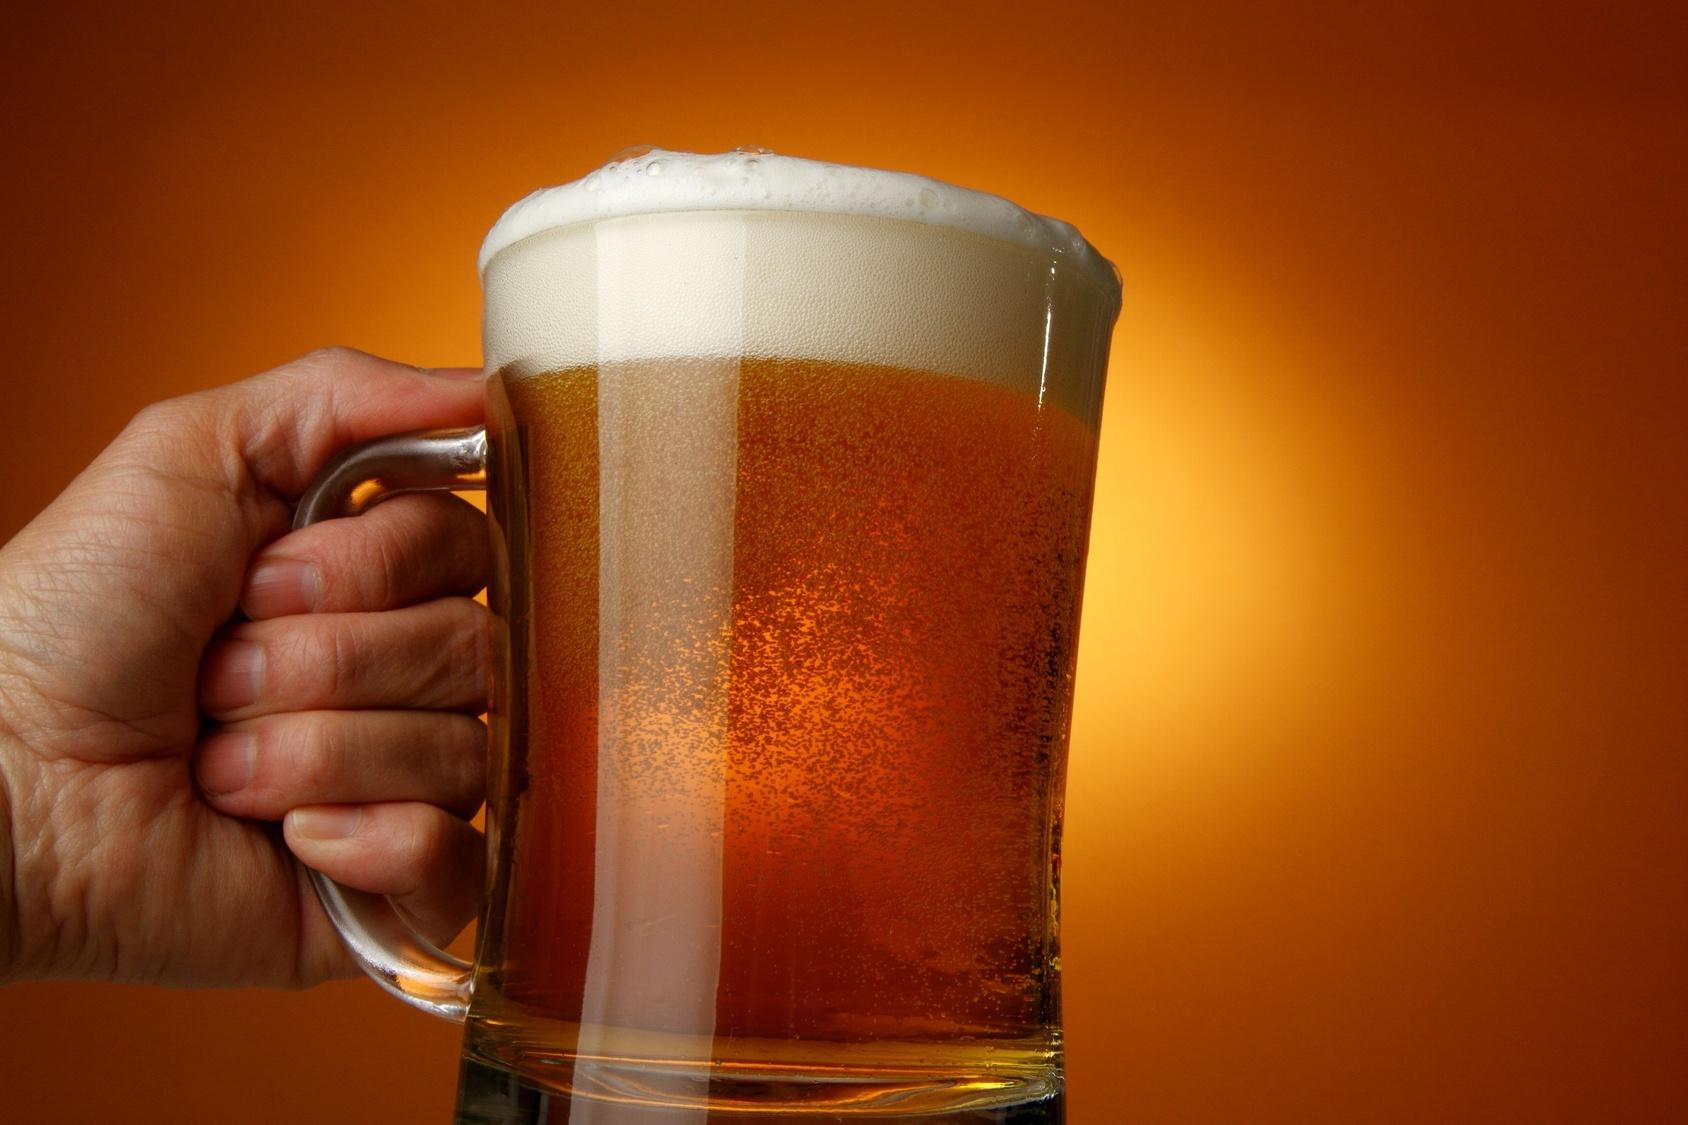 二日酔いしたくなければ「○○○○ー」の飲み方をこう変えよ!